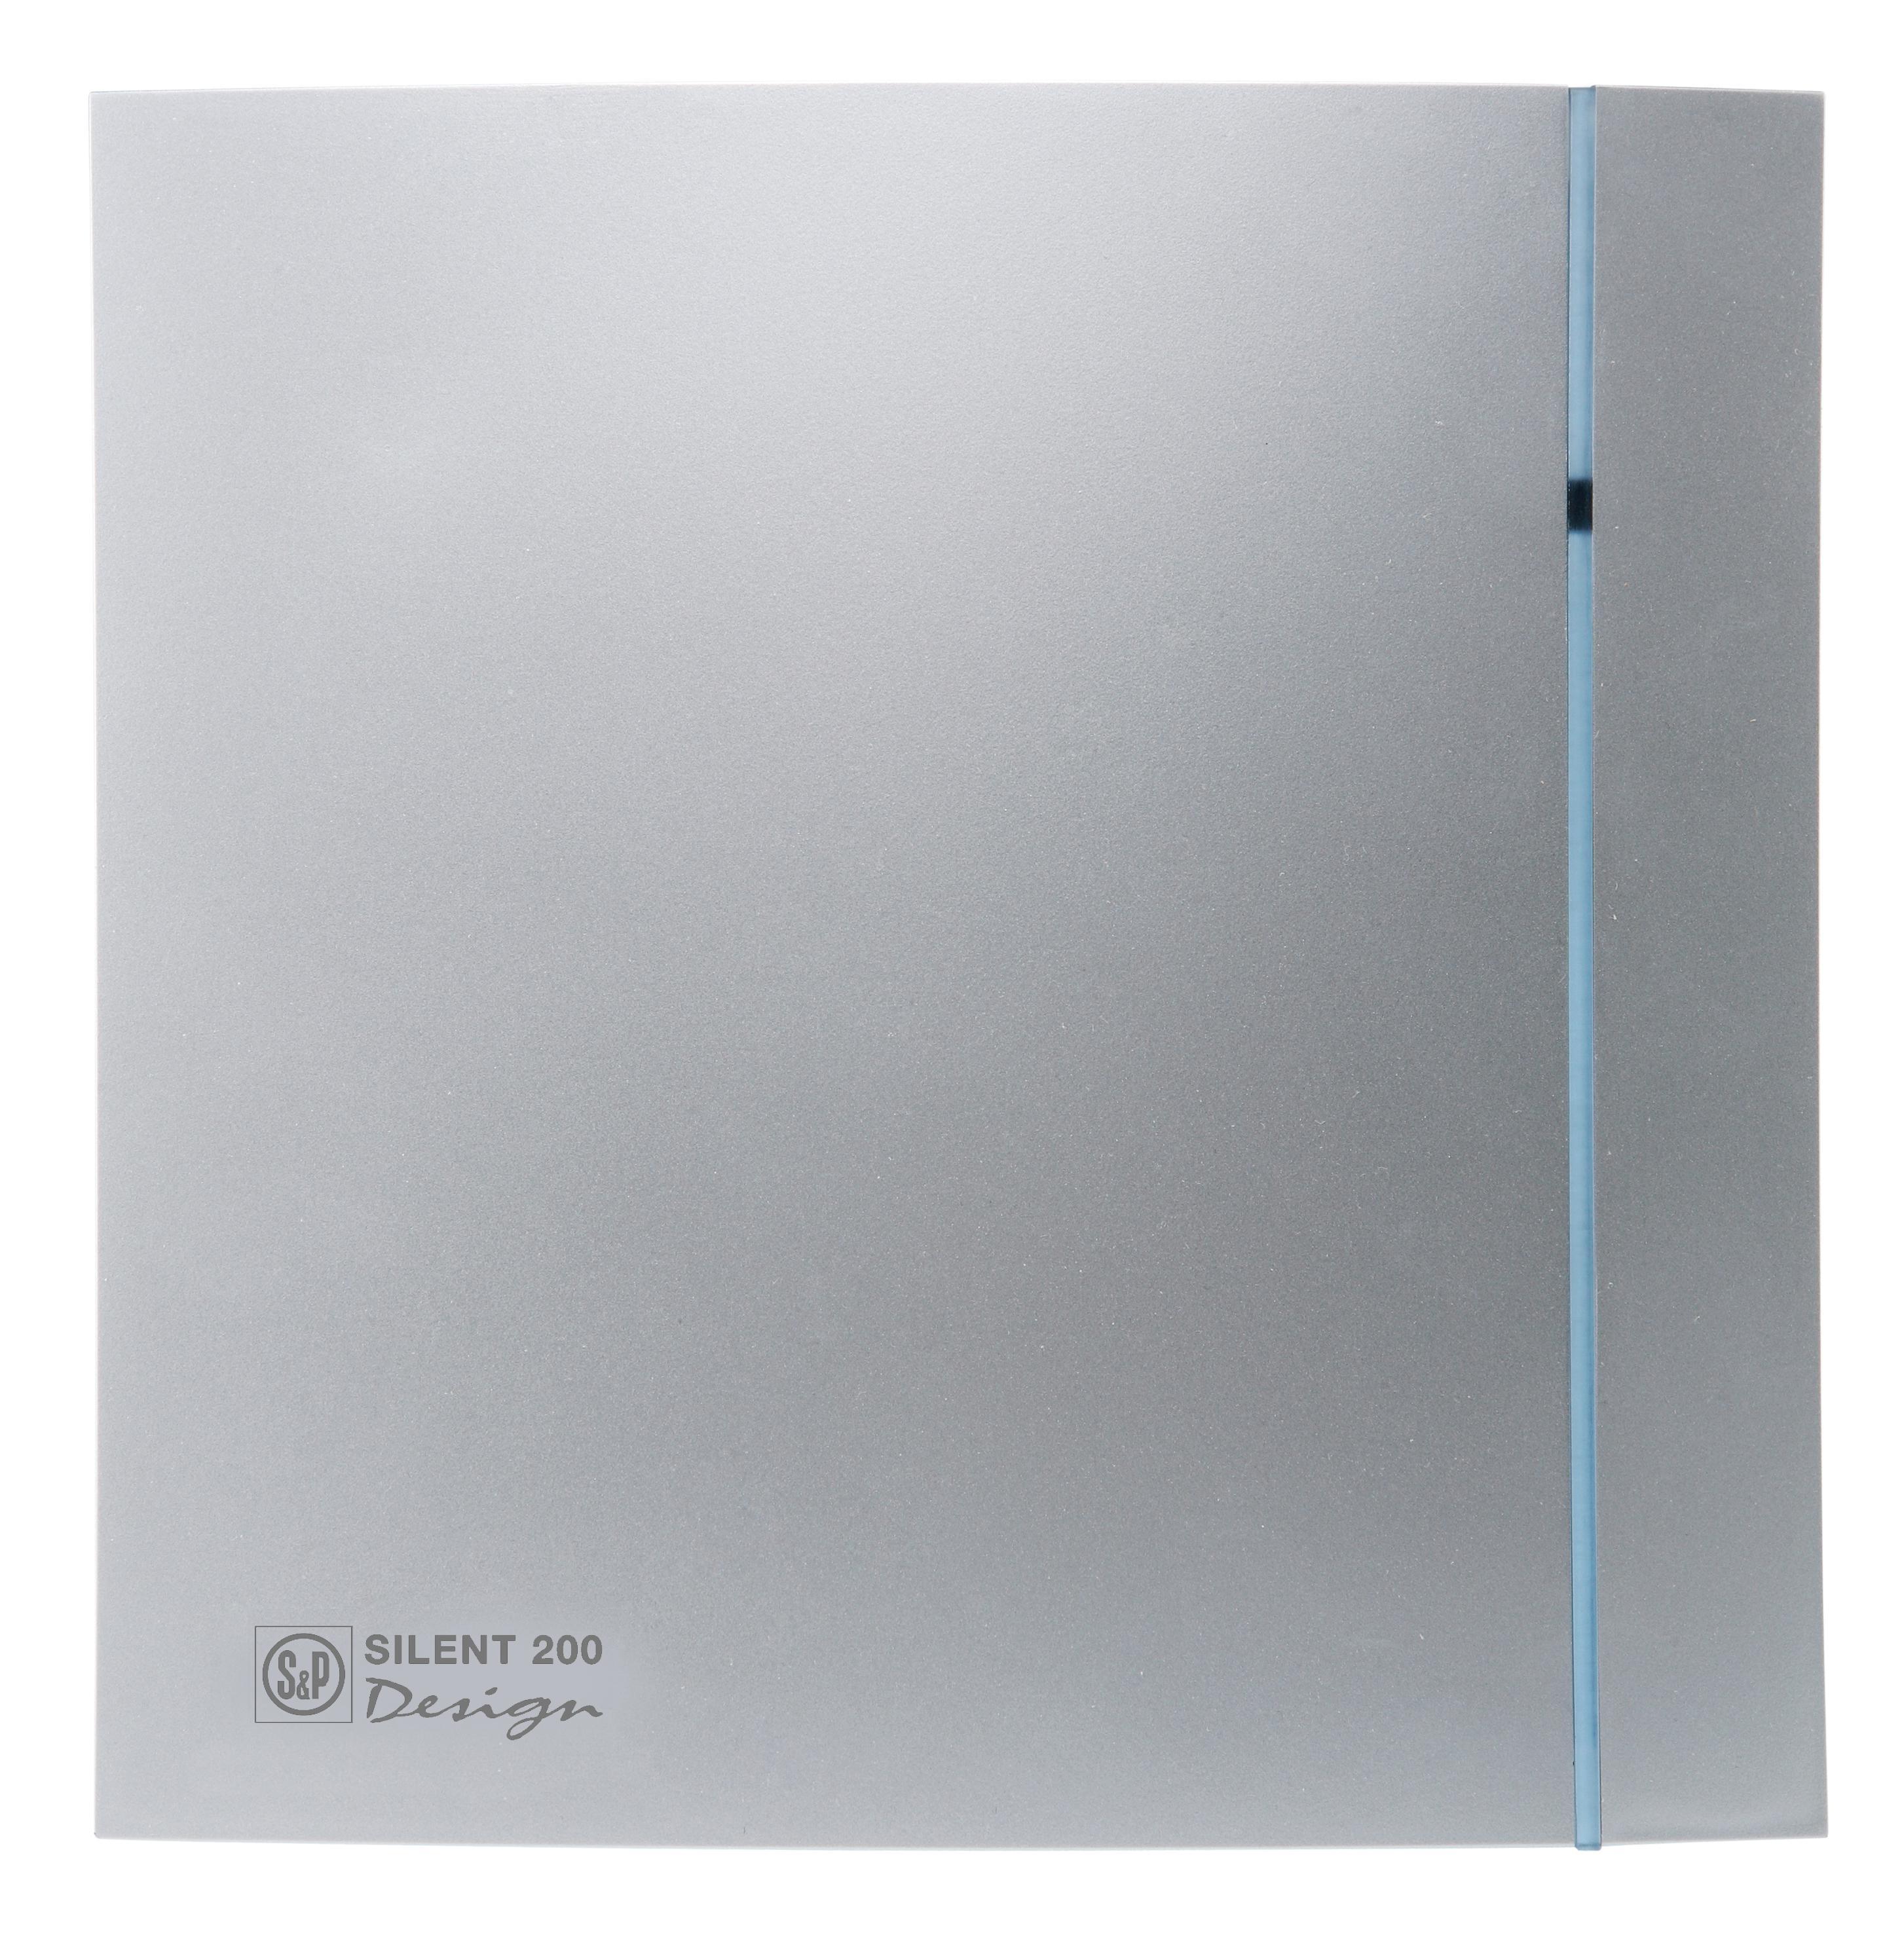 Купить со скидкой Вентилятор Soler&palau Silent-200 cz silver design-3c